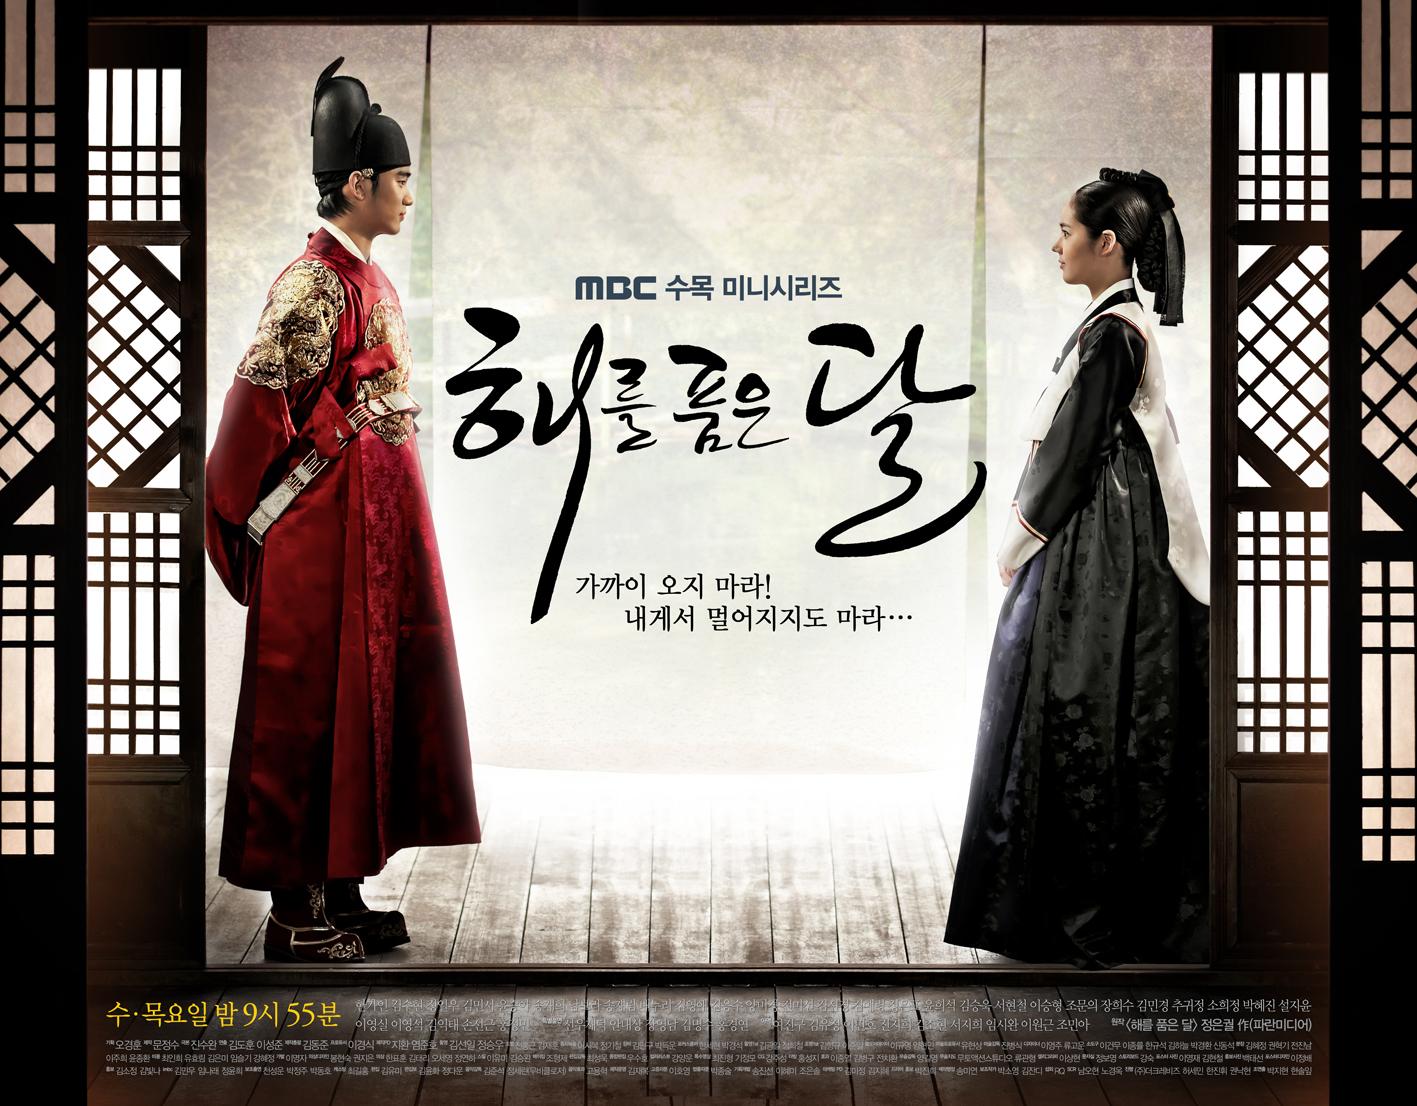 近年韩国古装剧大盘点,网友们认为这5部剧值得多次回味!插图1